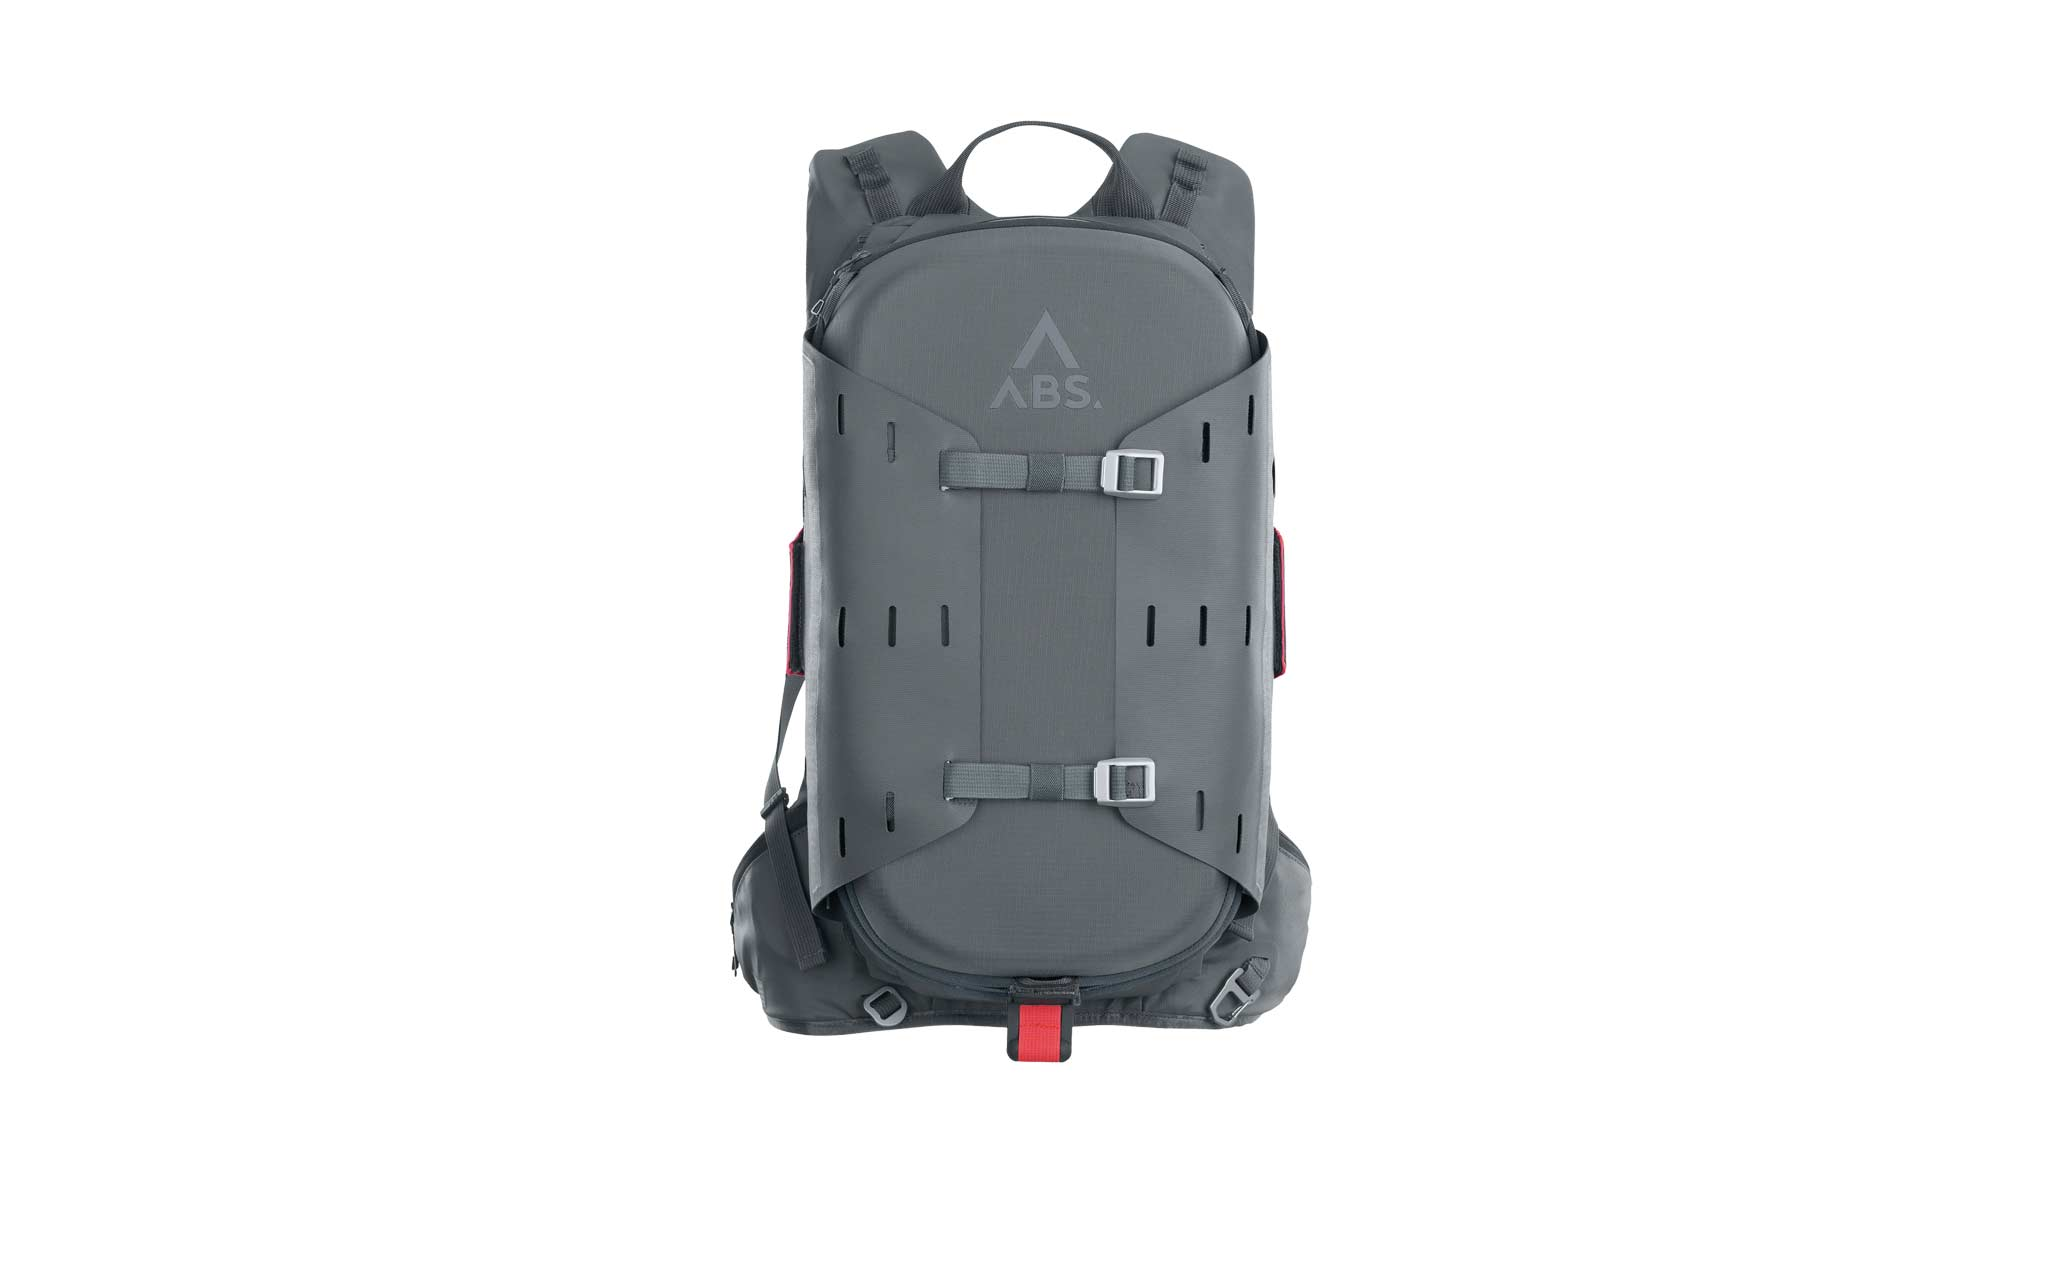 ABS A.Light Lawinenrucksack: Durch das einzigartige ABS TwinBag System lösen sich im Notfall zwei voneinander unabhängige Airbags in einer volumenoptimierten Form, wodurch die Wahrscheinlichkeit, an der Oberfläche zu bleiben, deutlich erhöht wird.